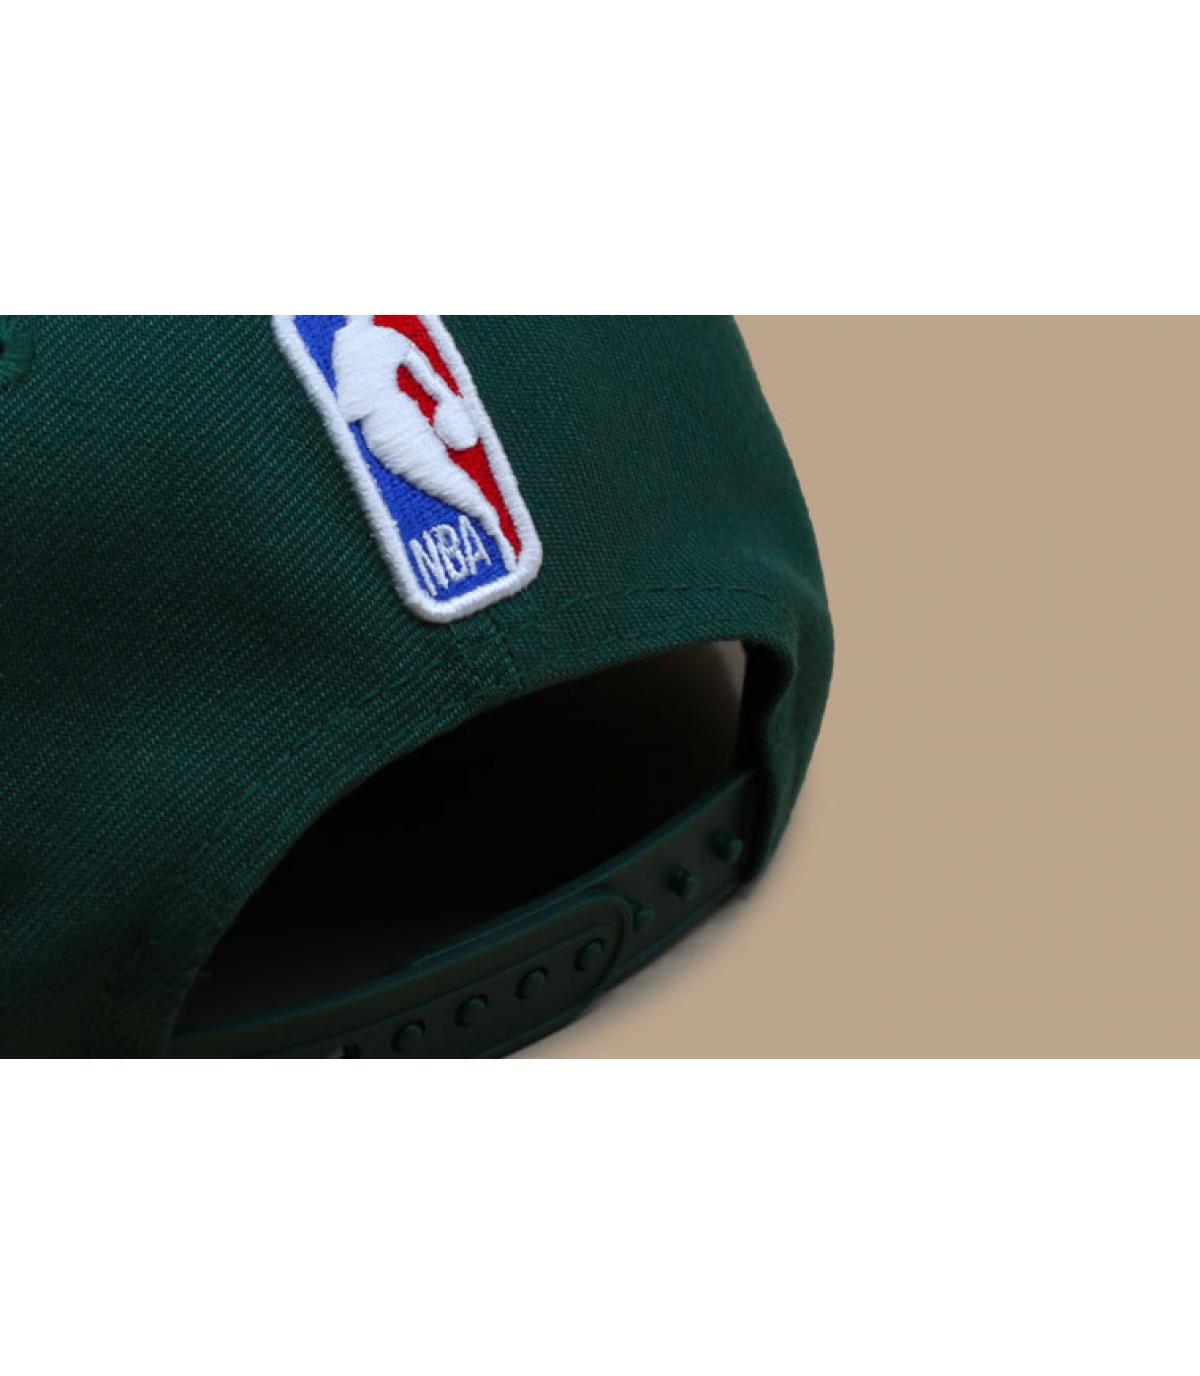 Detalles Snapback NBA Draft Bucks 950 imagen 5